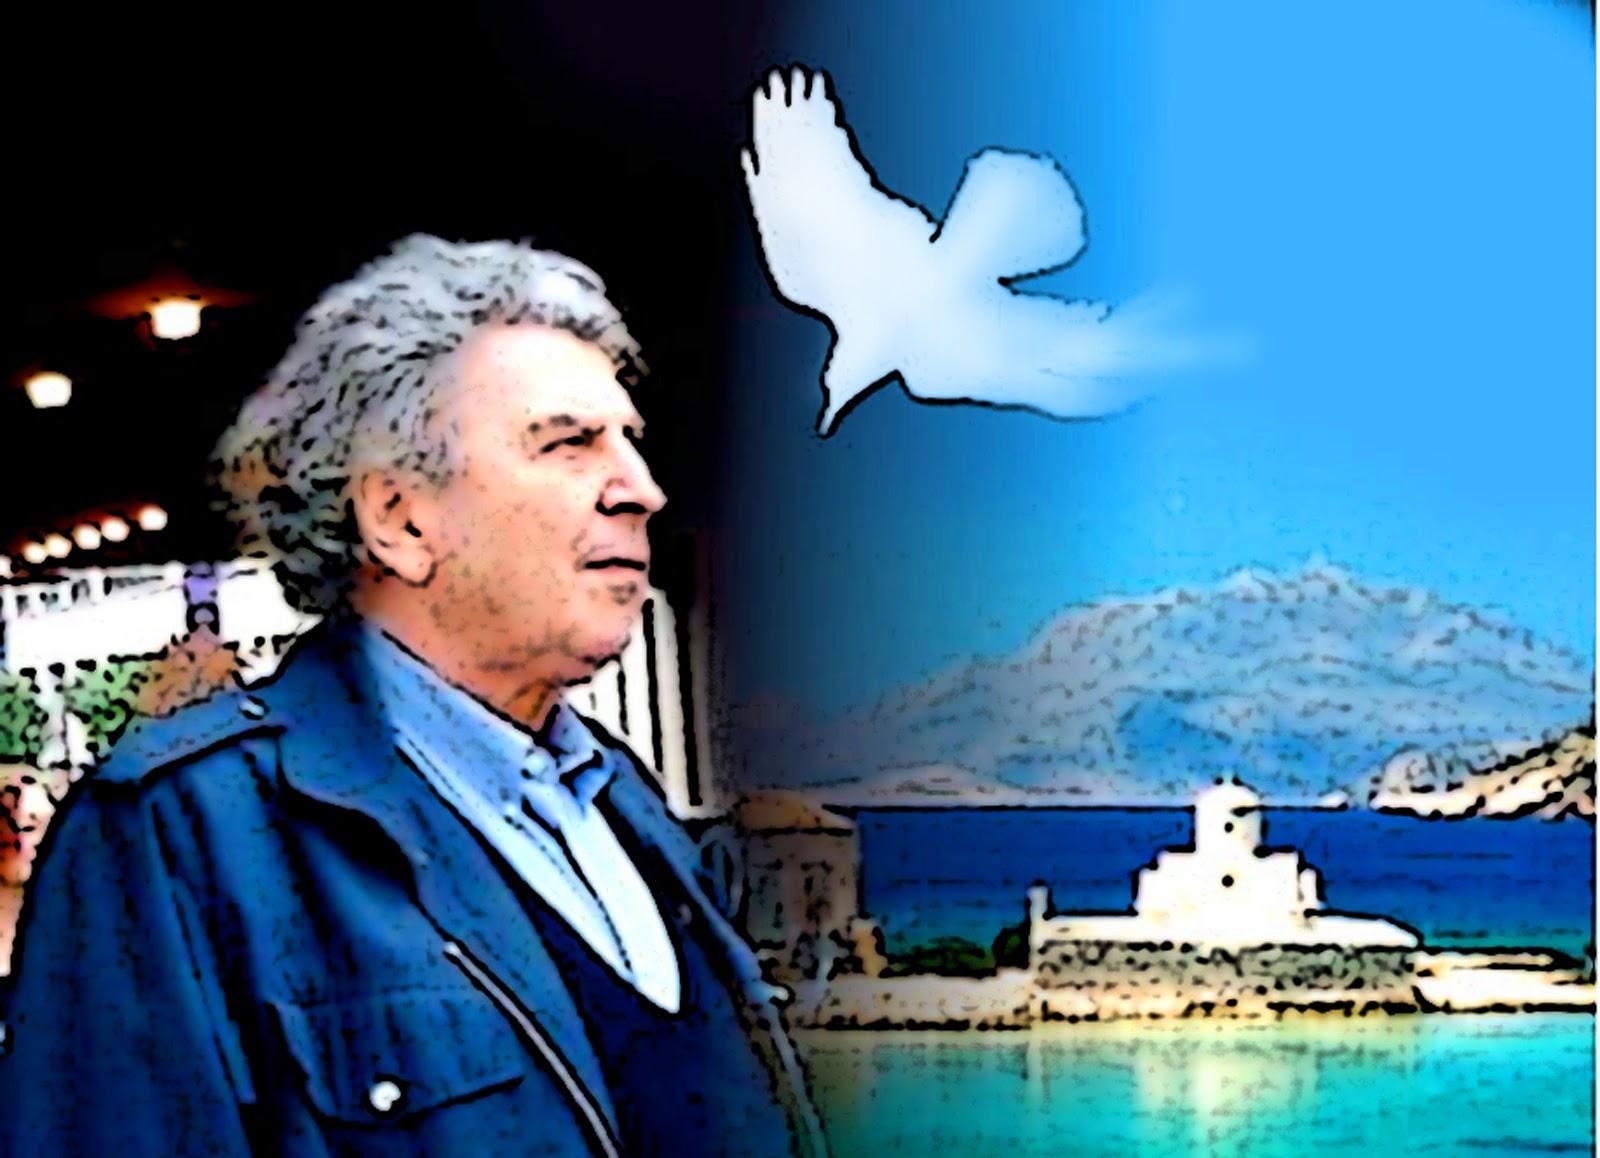 Mikis Theodorakis The Very Best Of Mikis Theodorakis